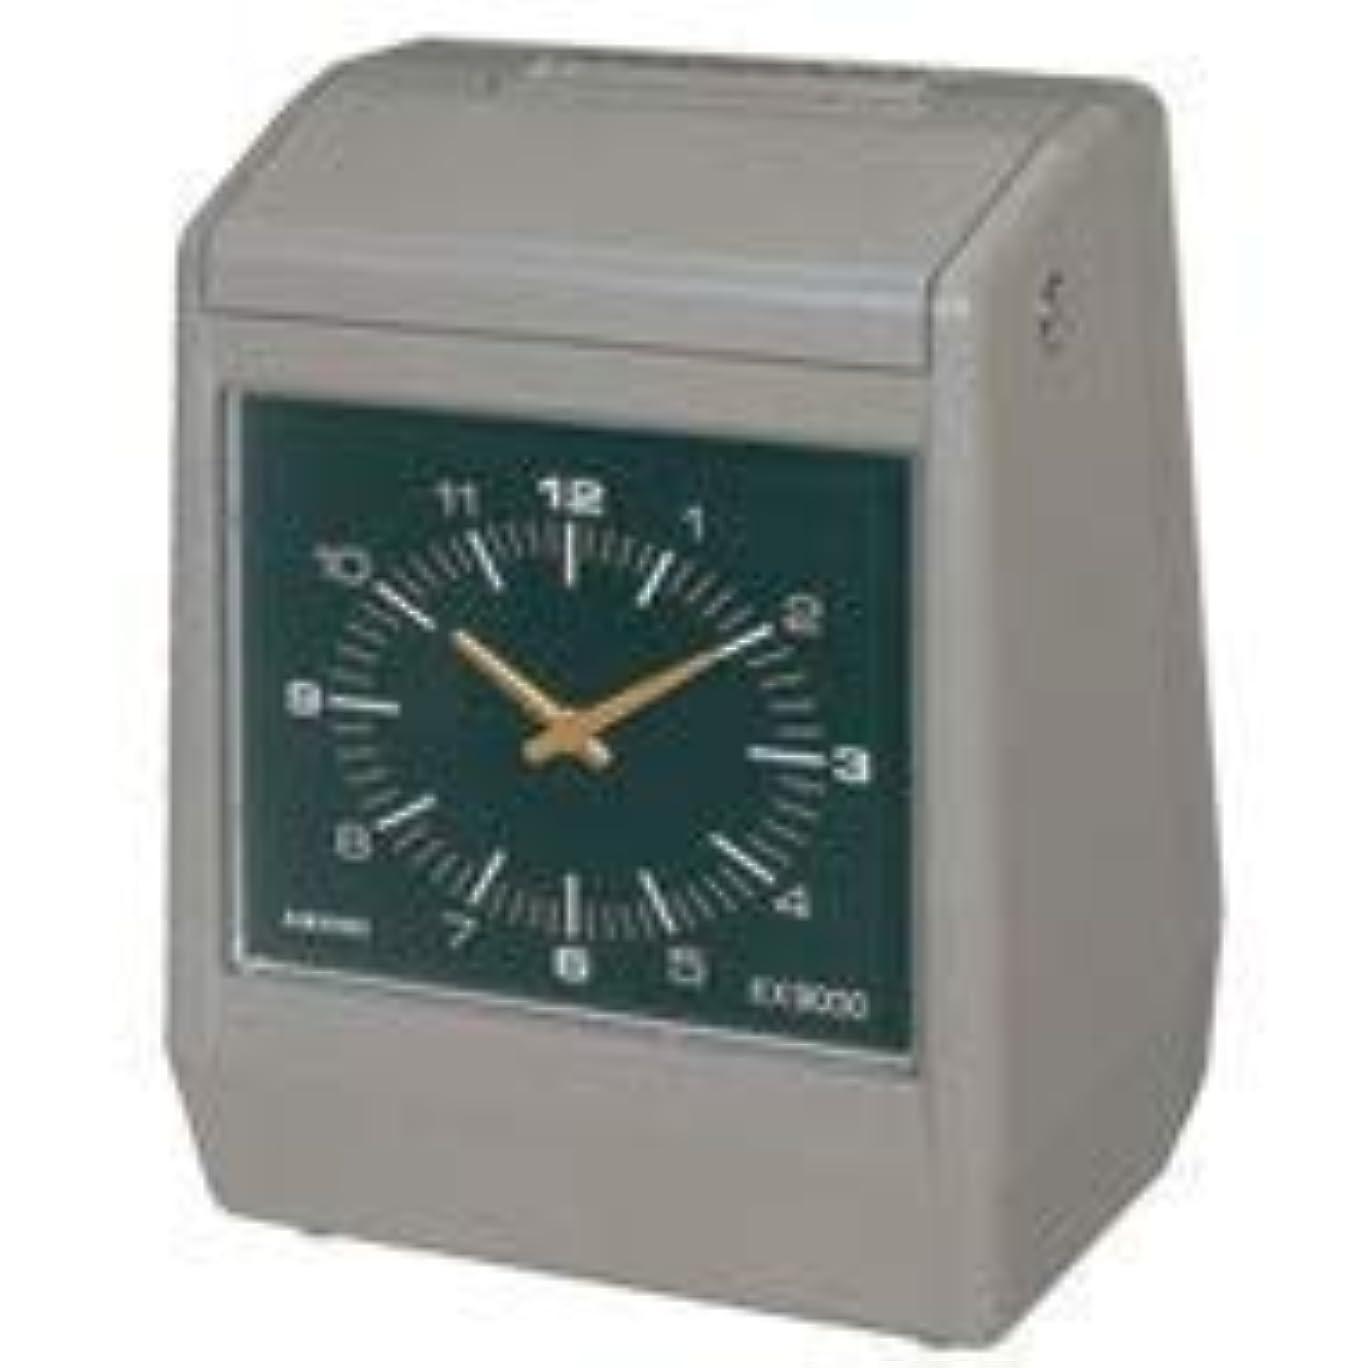 むさぼり食うたとえ全くアマノ 時刻記録タイムレコーダー EX9800 EX9800